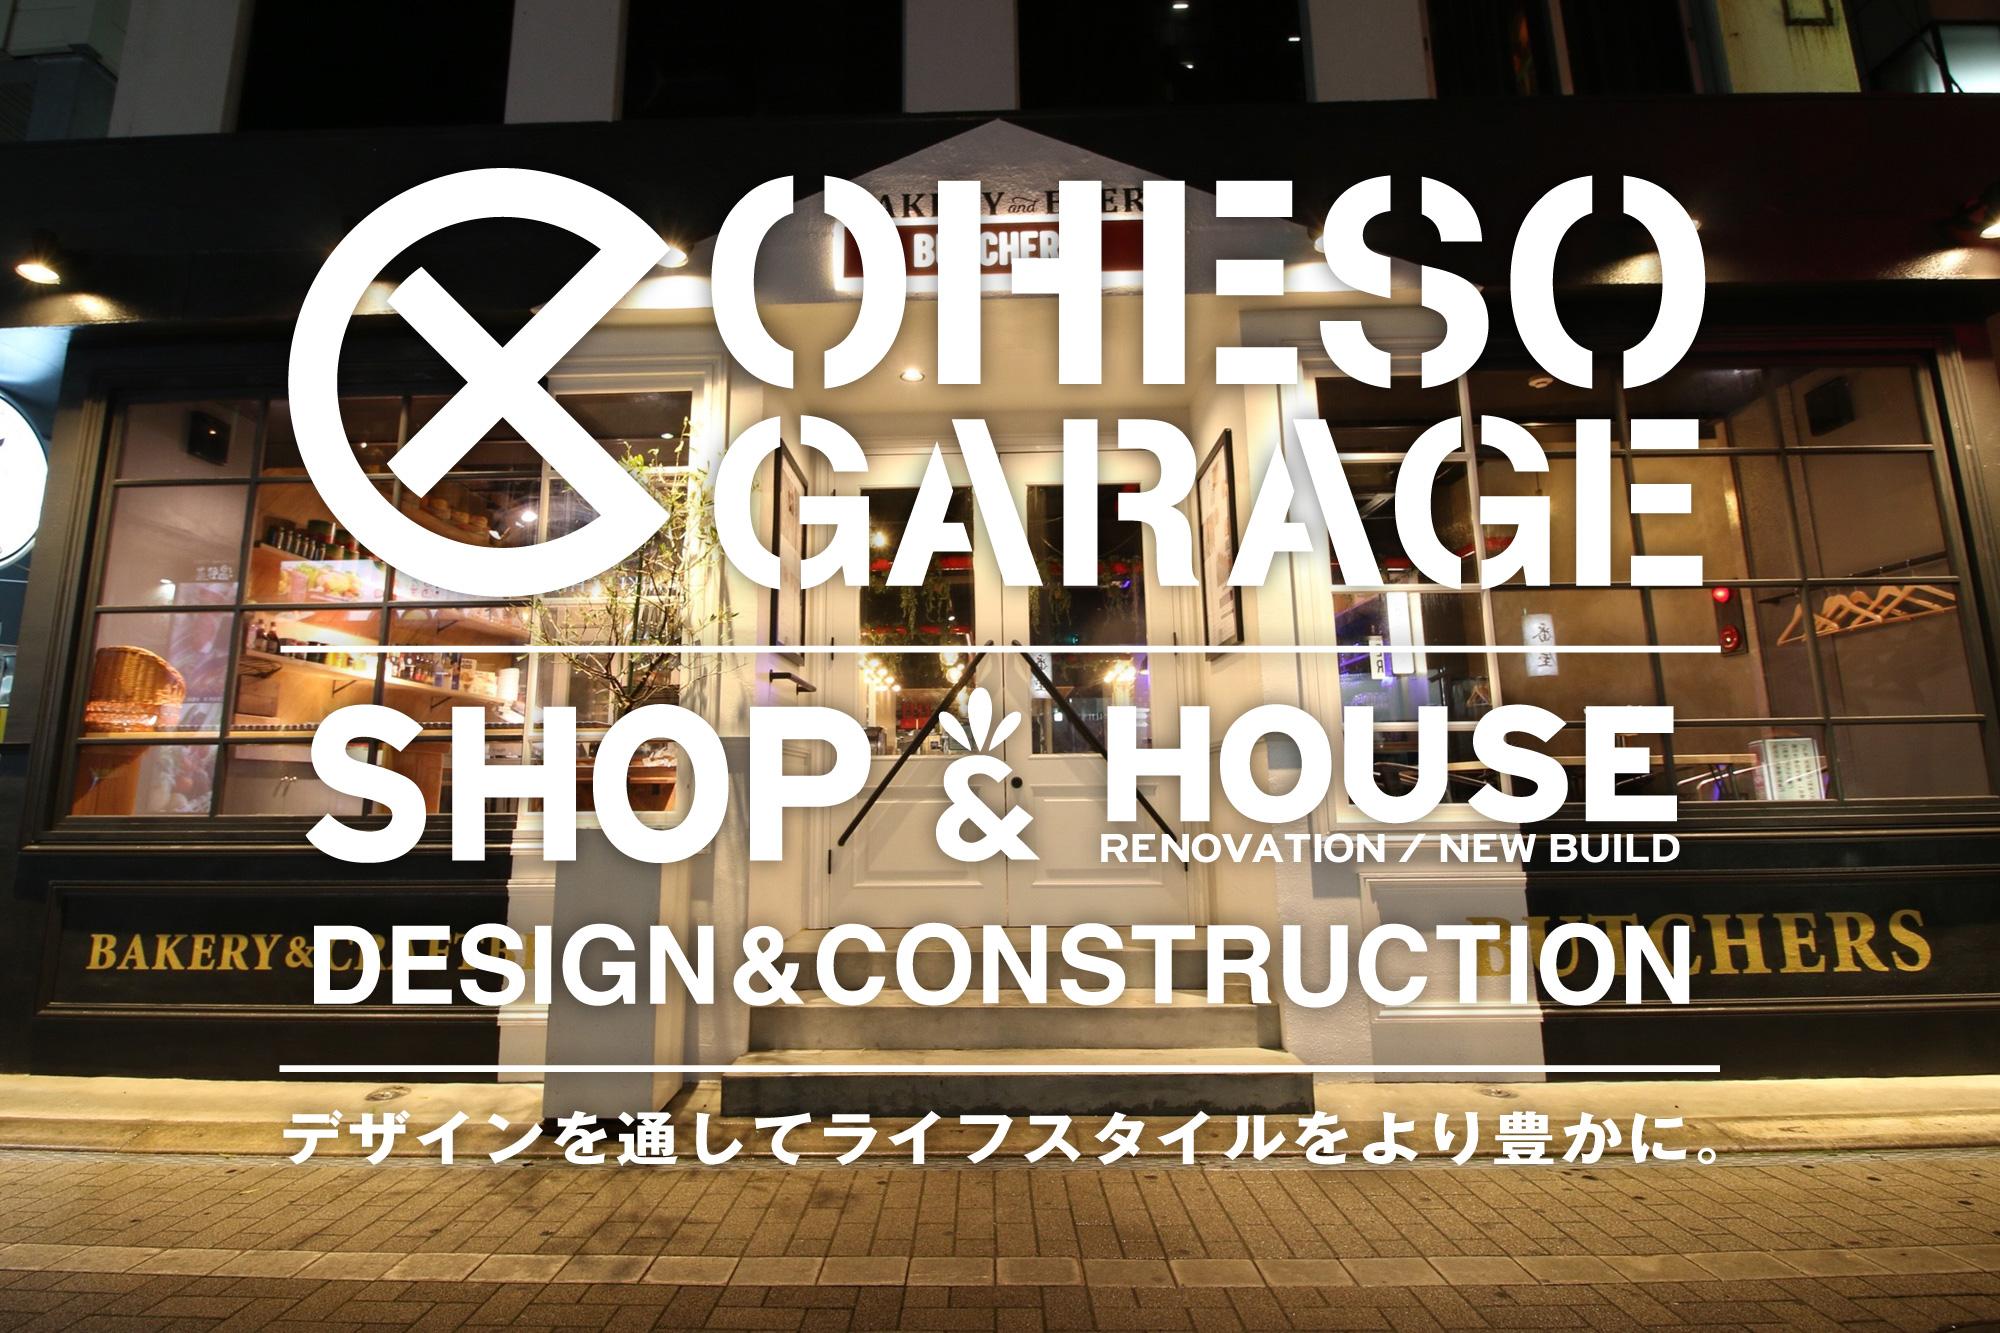 神奈川 厚木 海老名 新築 リノベーション 店舗デザイン 設計 施工 の オヘソガレージ